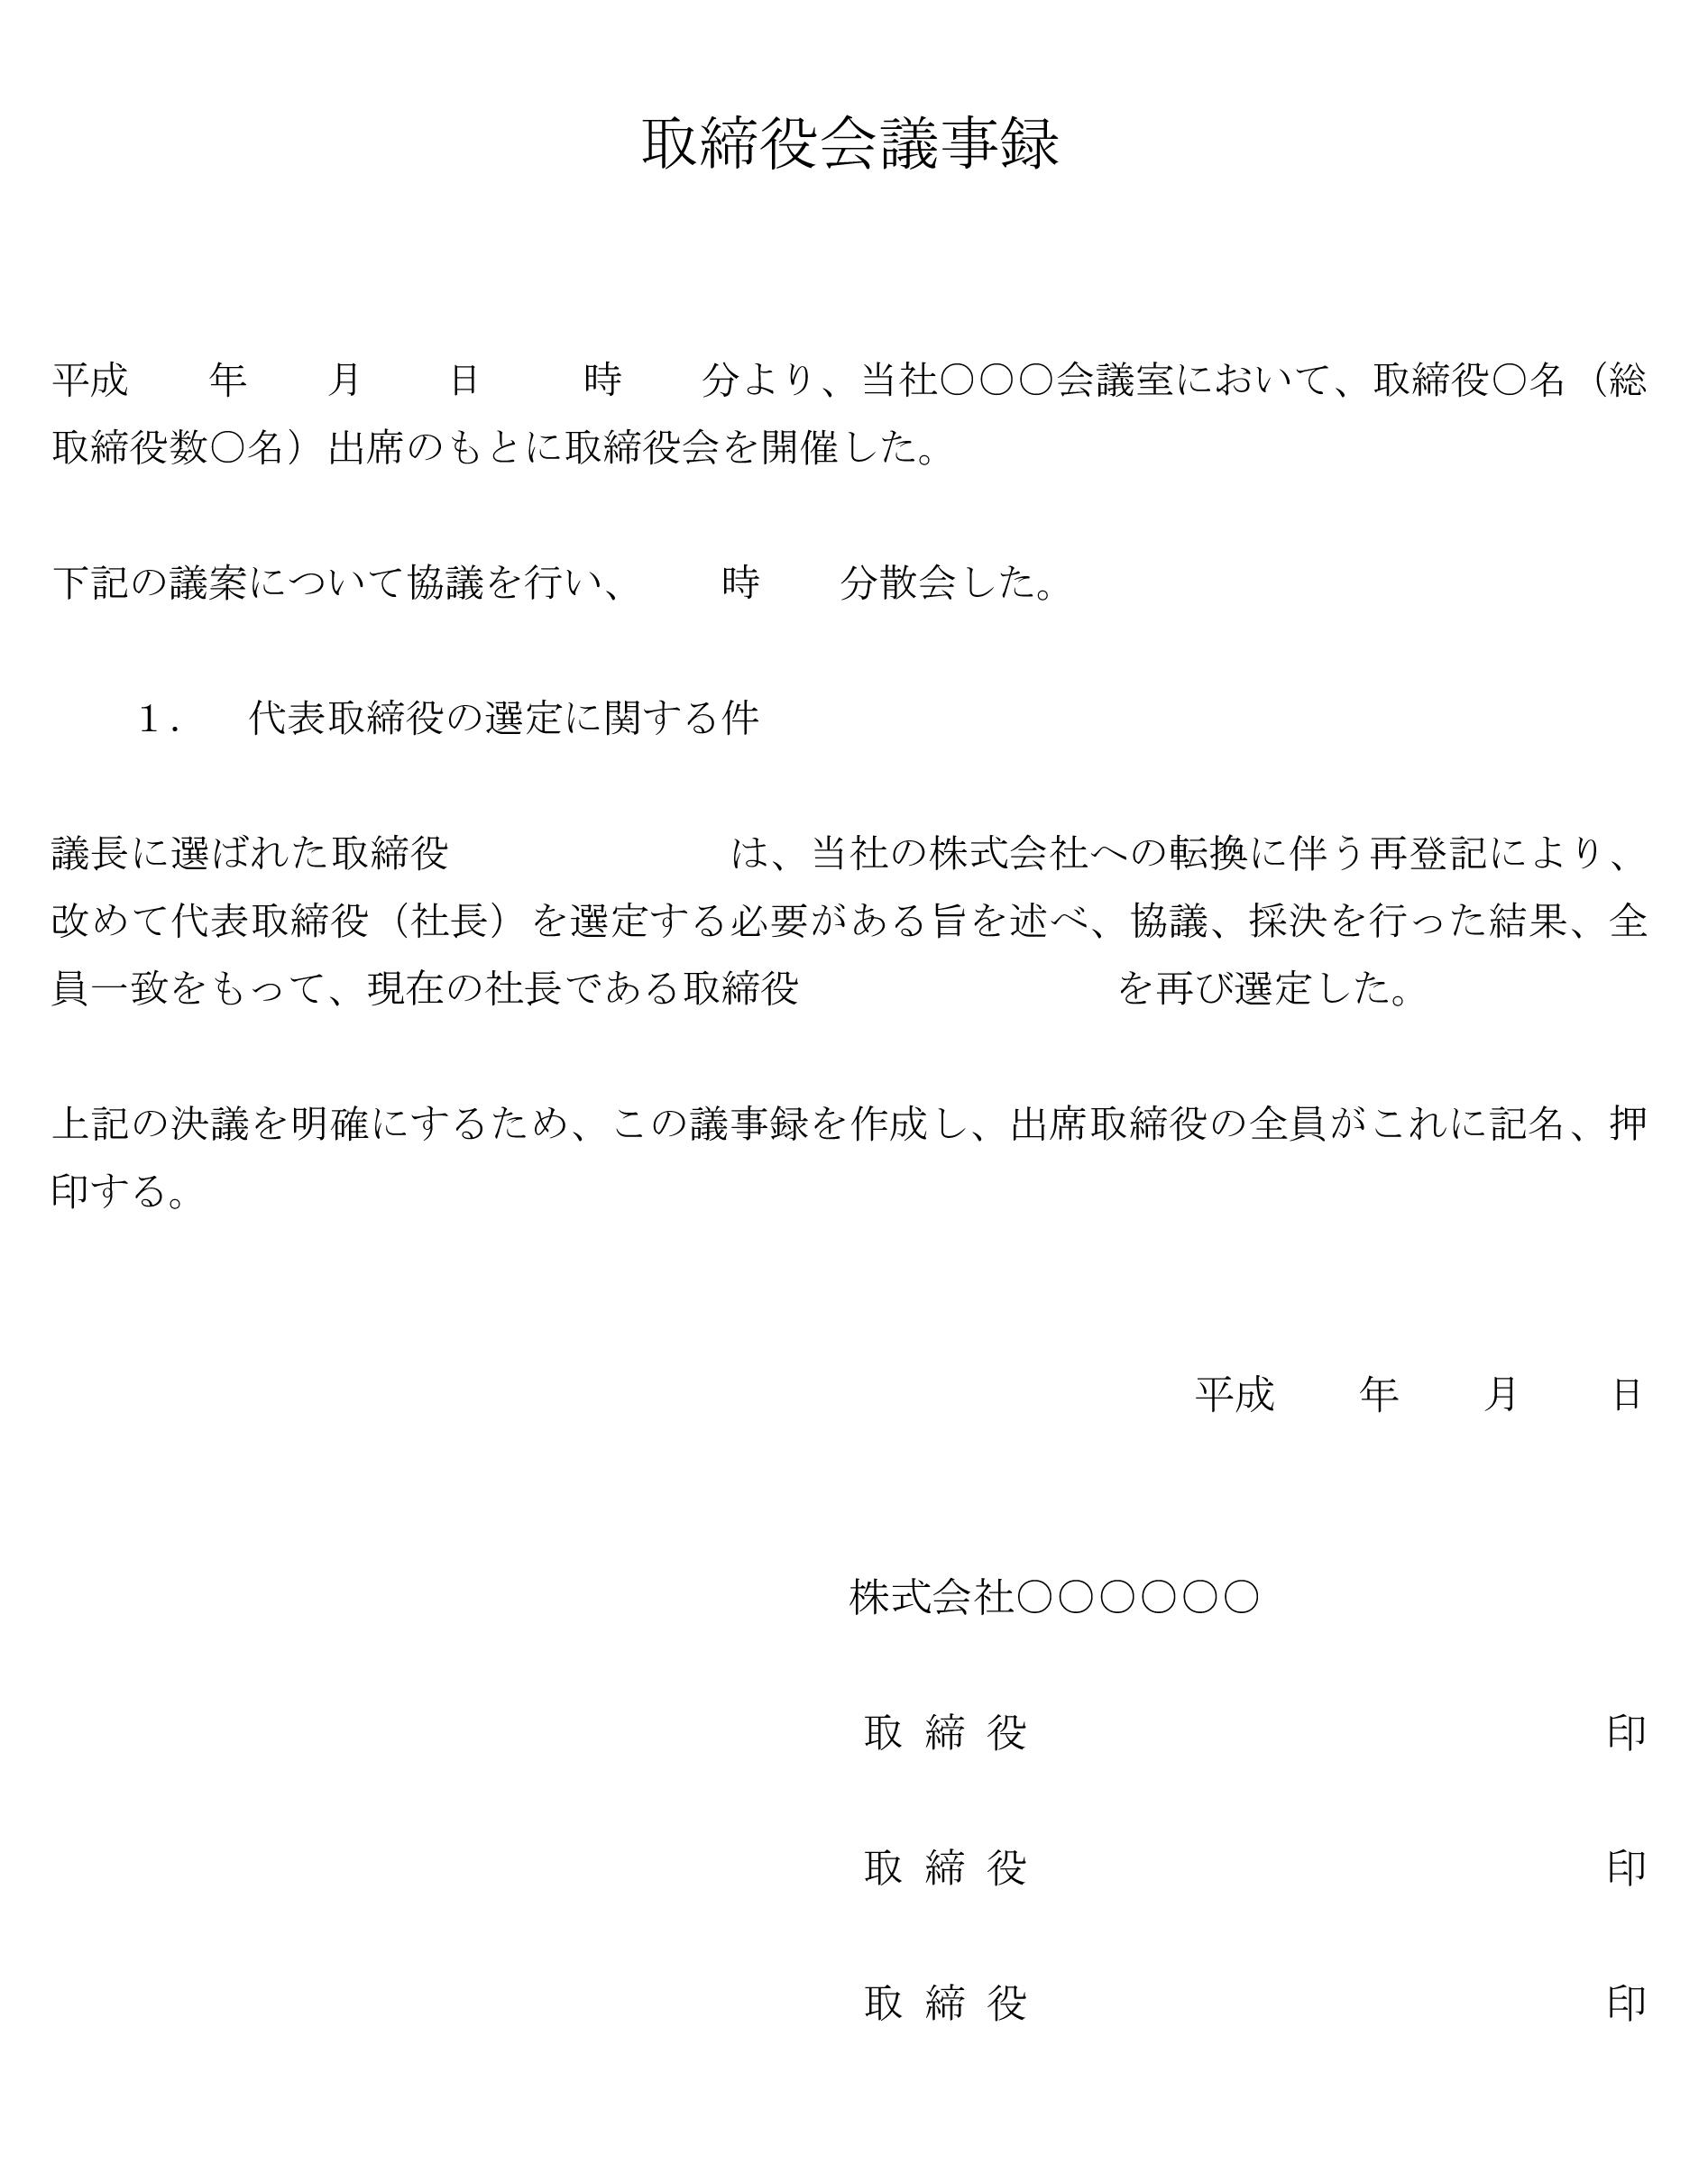 取締役会議事録(代表取締役の選定)03